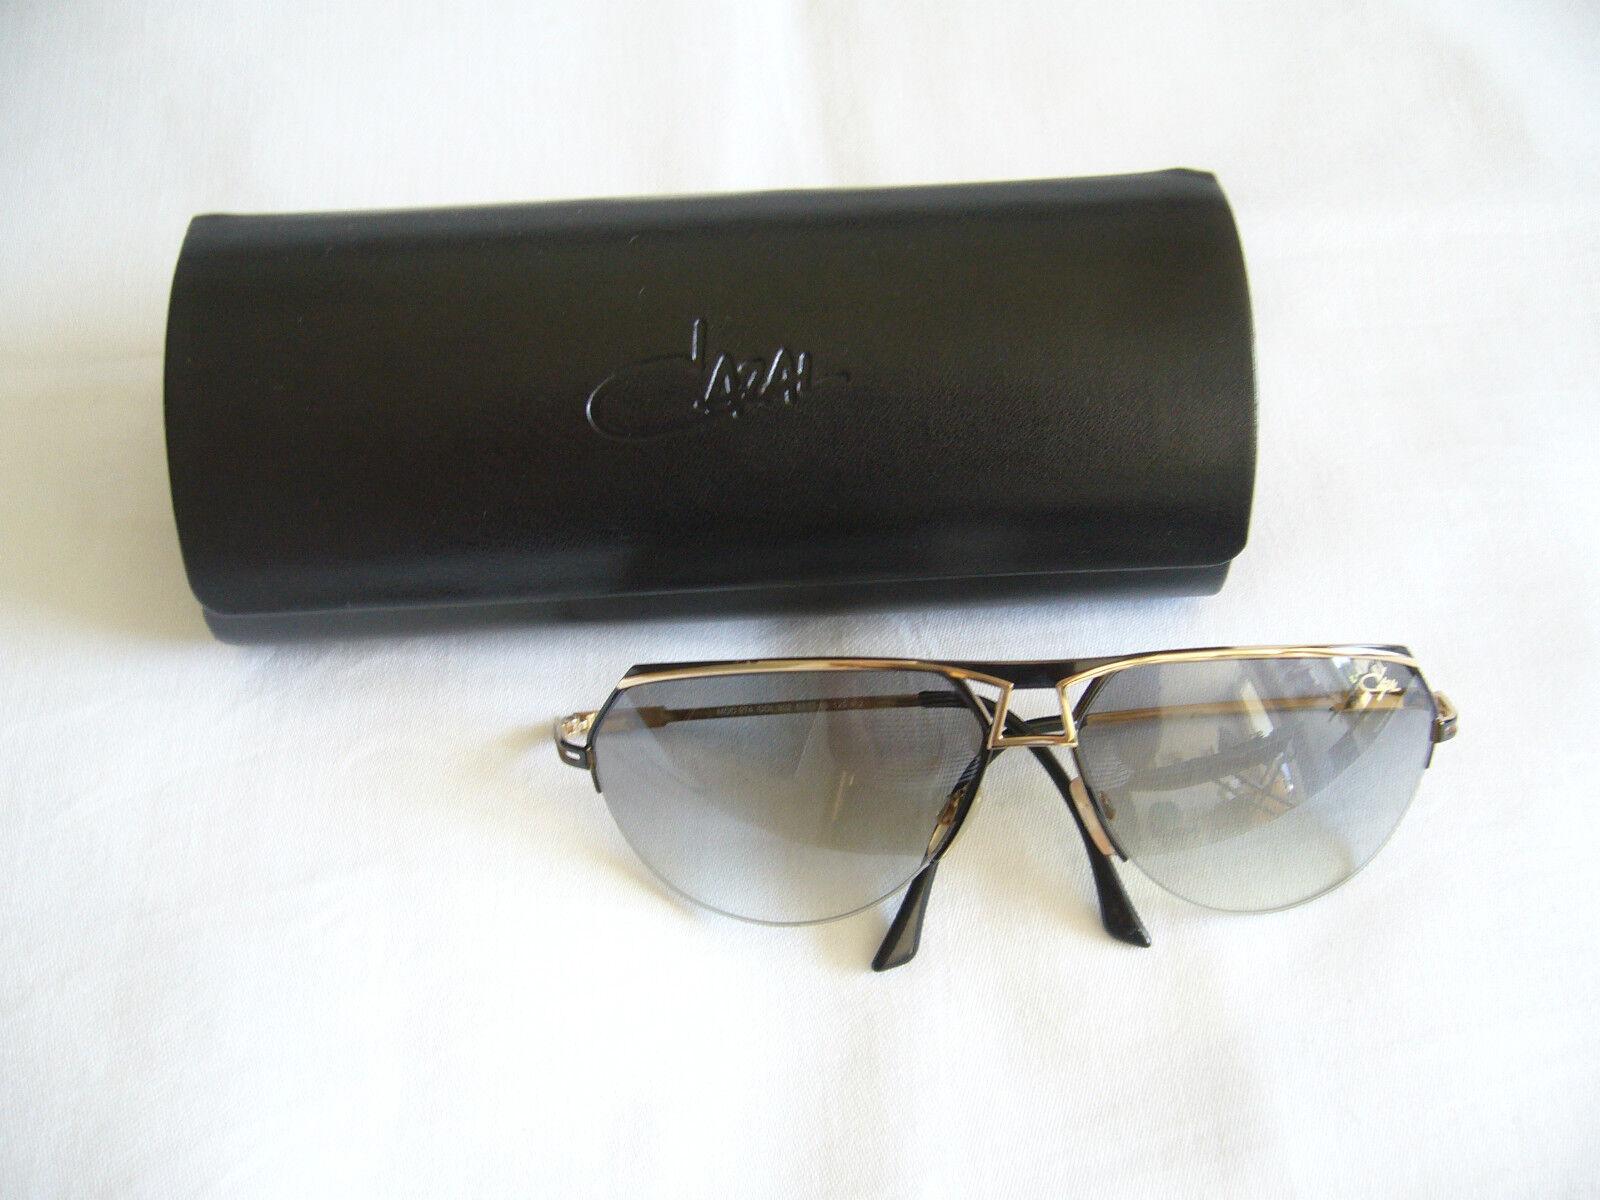 Cazal Damen Sonnenbrille, auch Schutzbrille für Kontaktlinsen, sehr Elegant Elegant Elegant   | Ruf zuerst  | Haben Wir Lob Von Kunden Gewonnen  | Vollständige Spezifikation  723714